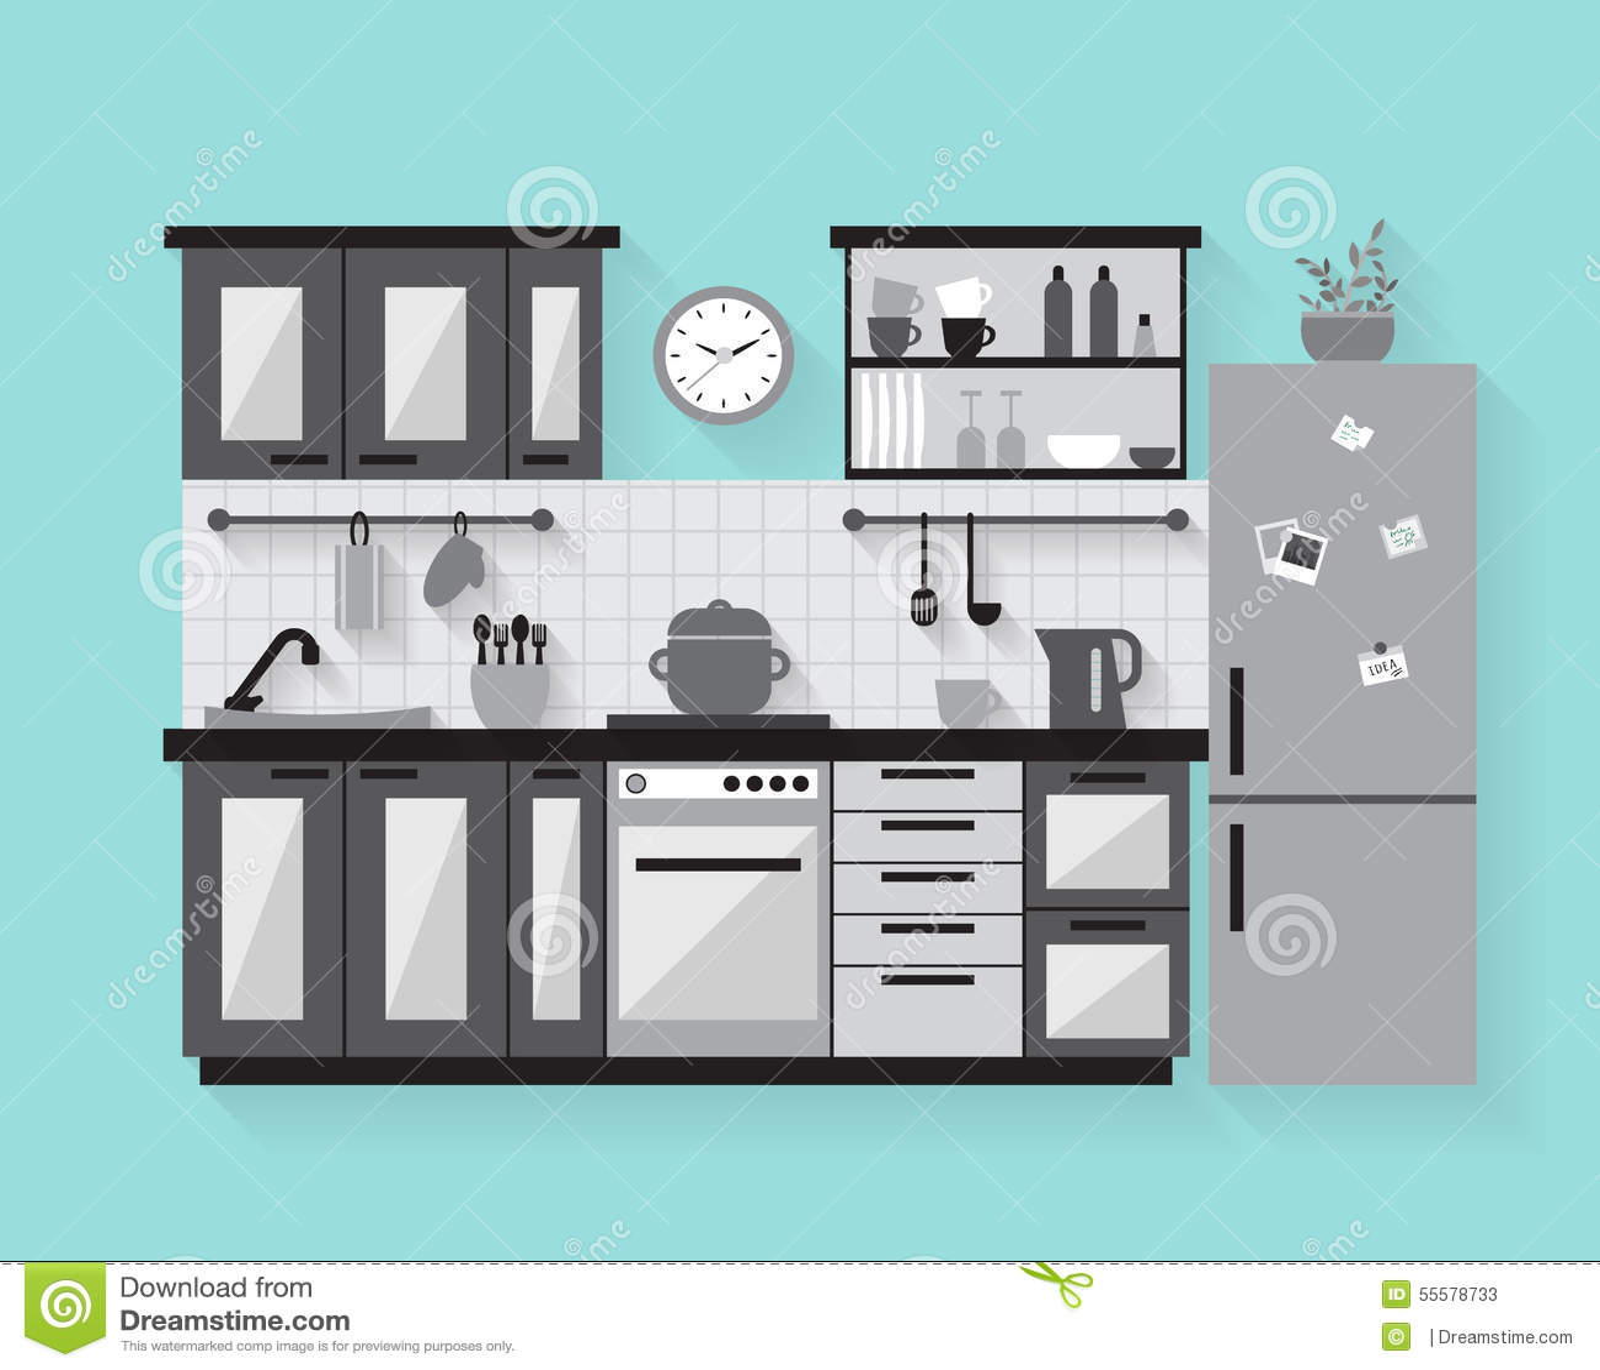 kitchen furniture long shadows flat style vector modular kitchen furniture kolkata howrah west bengal price